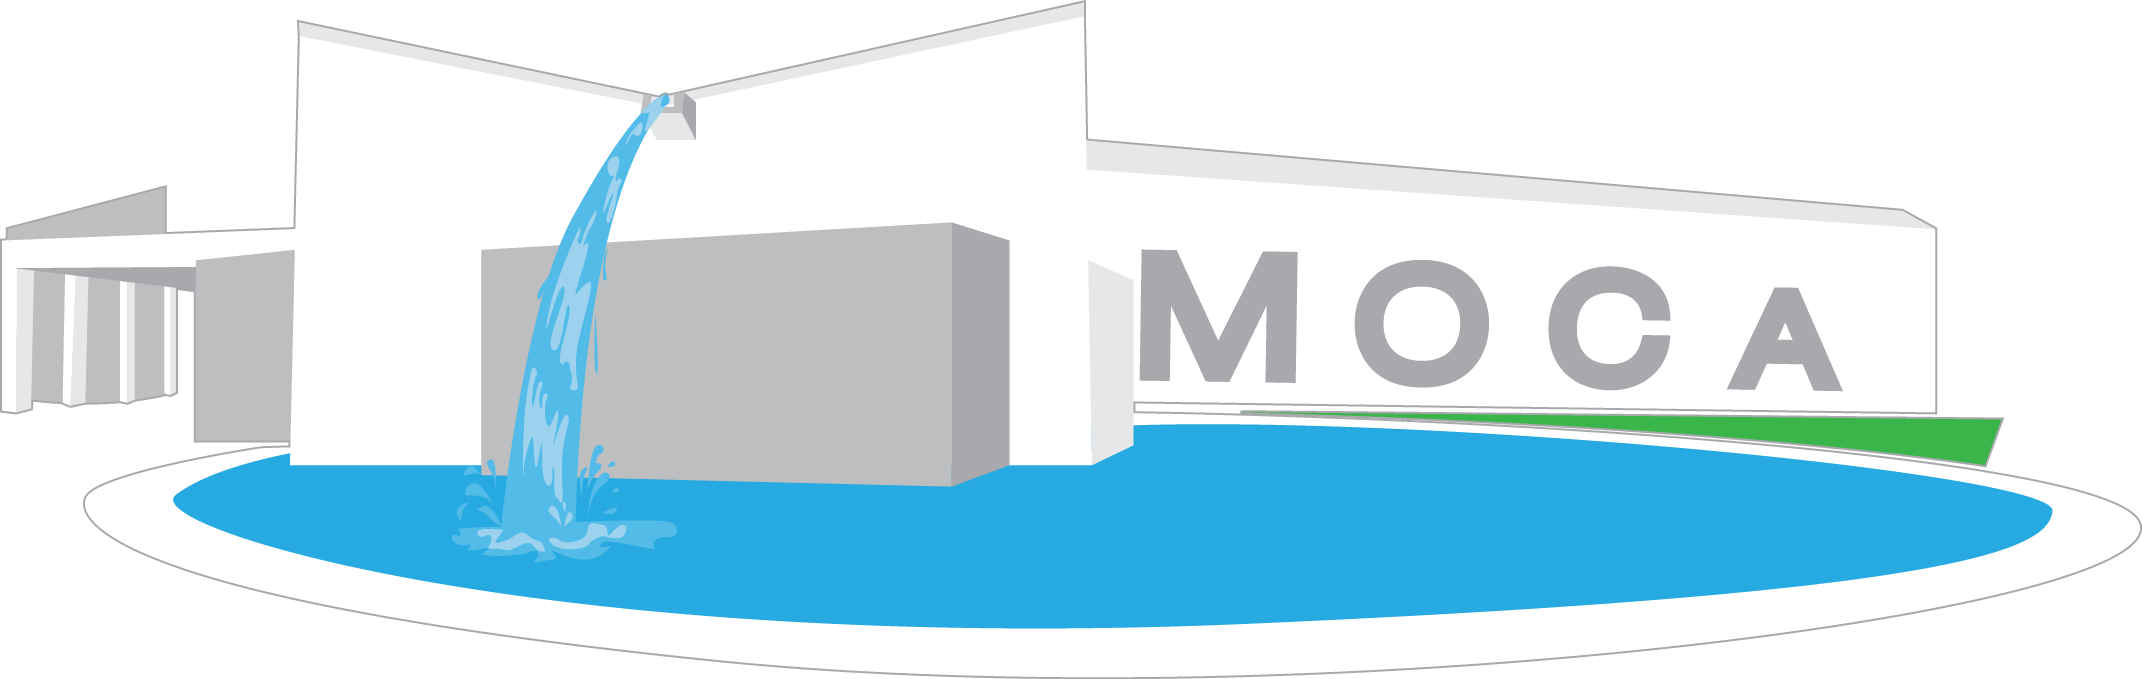 MOCA illustration